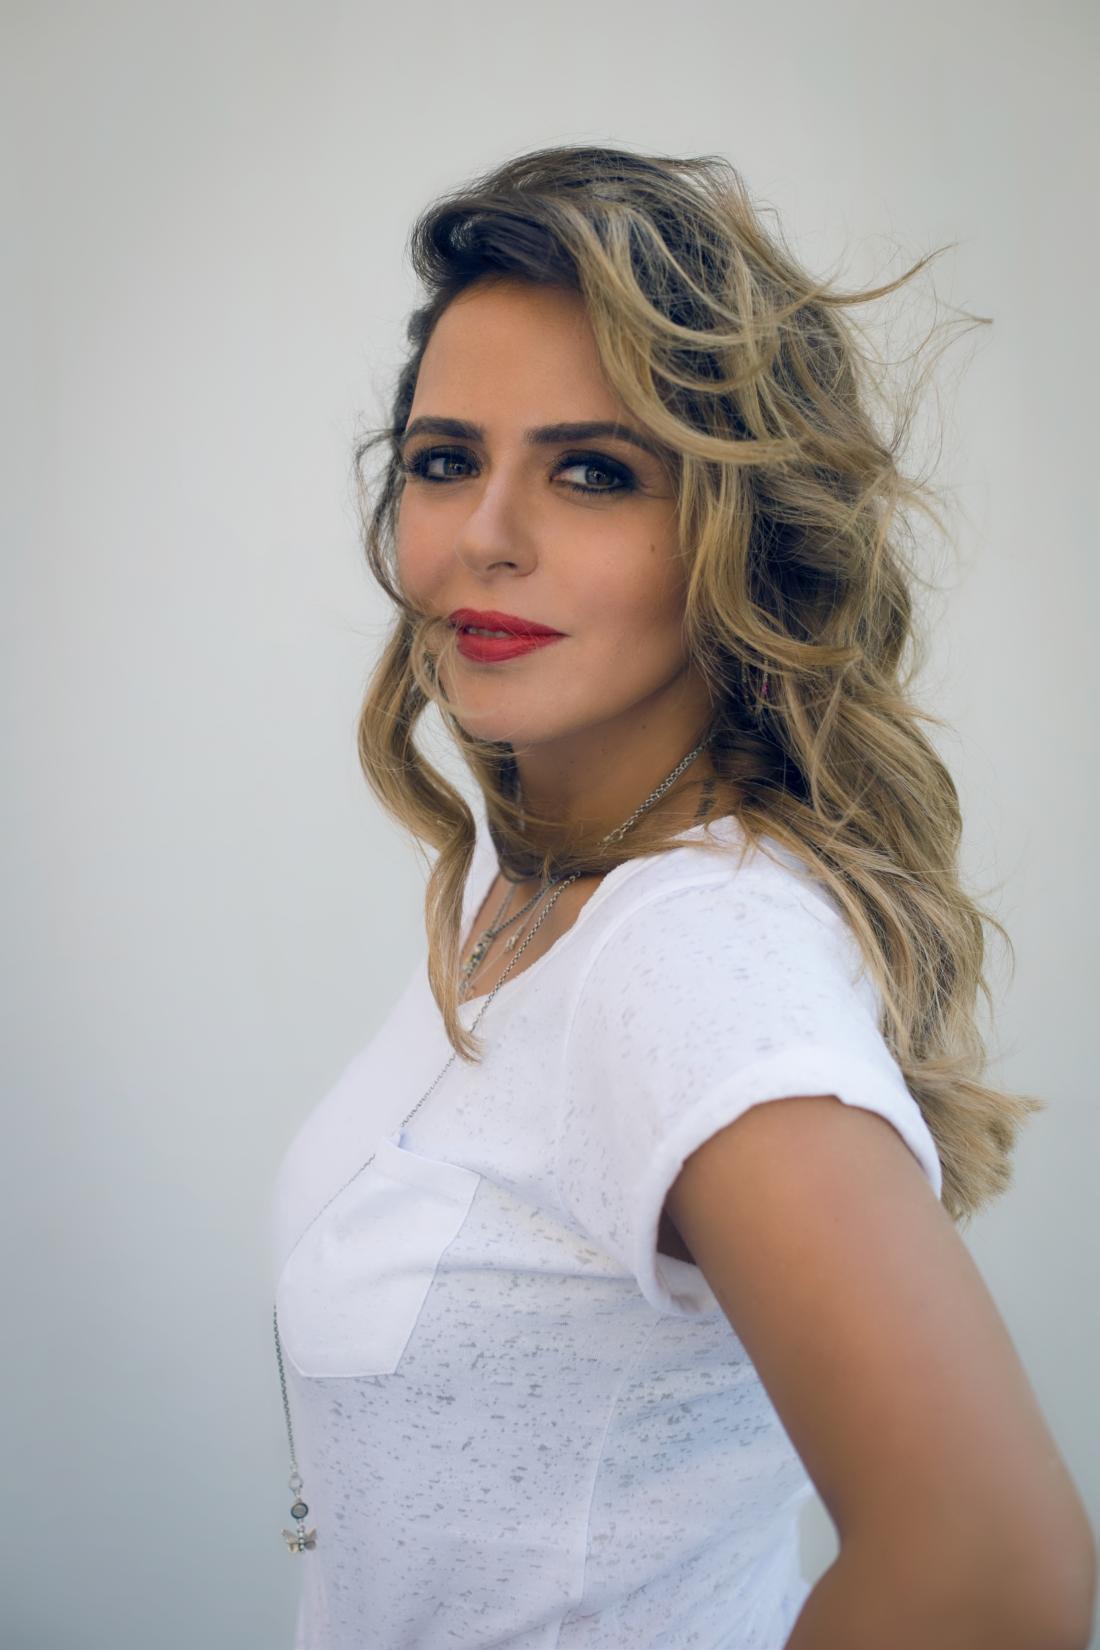 Maha Alsagheer